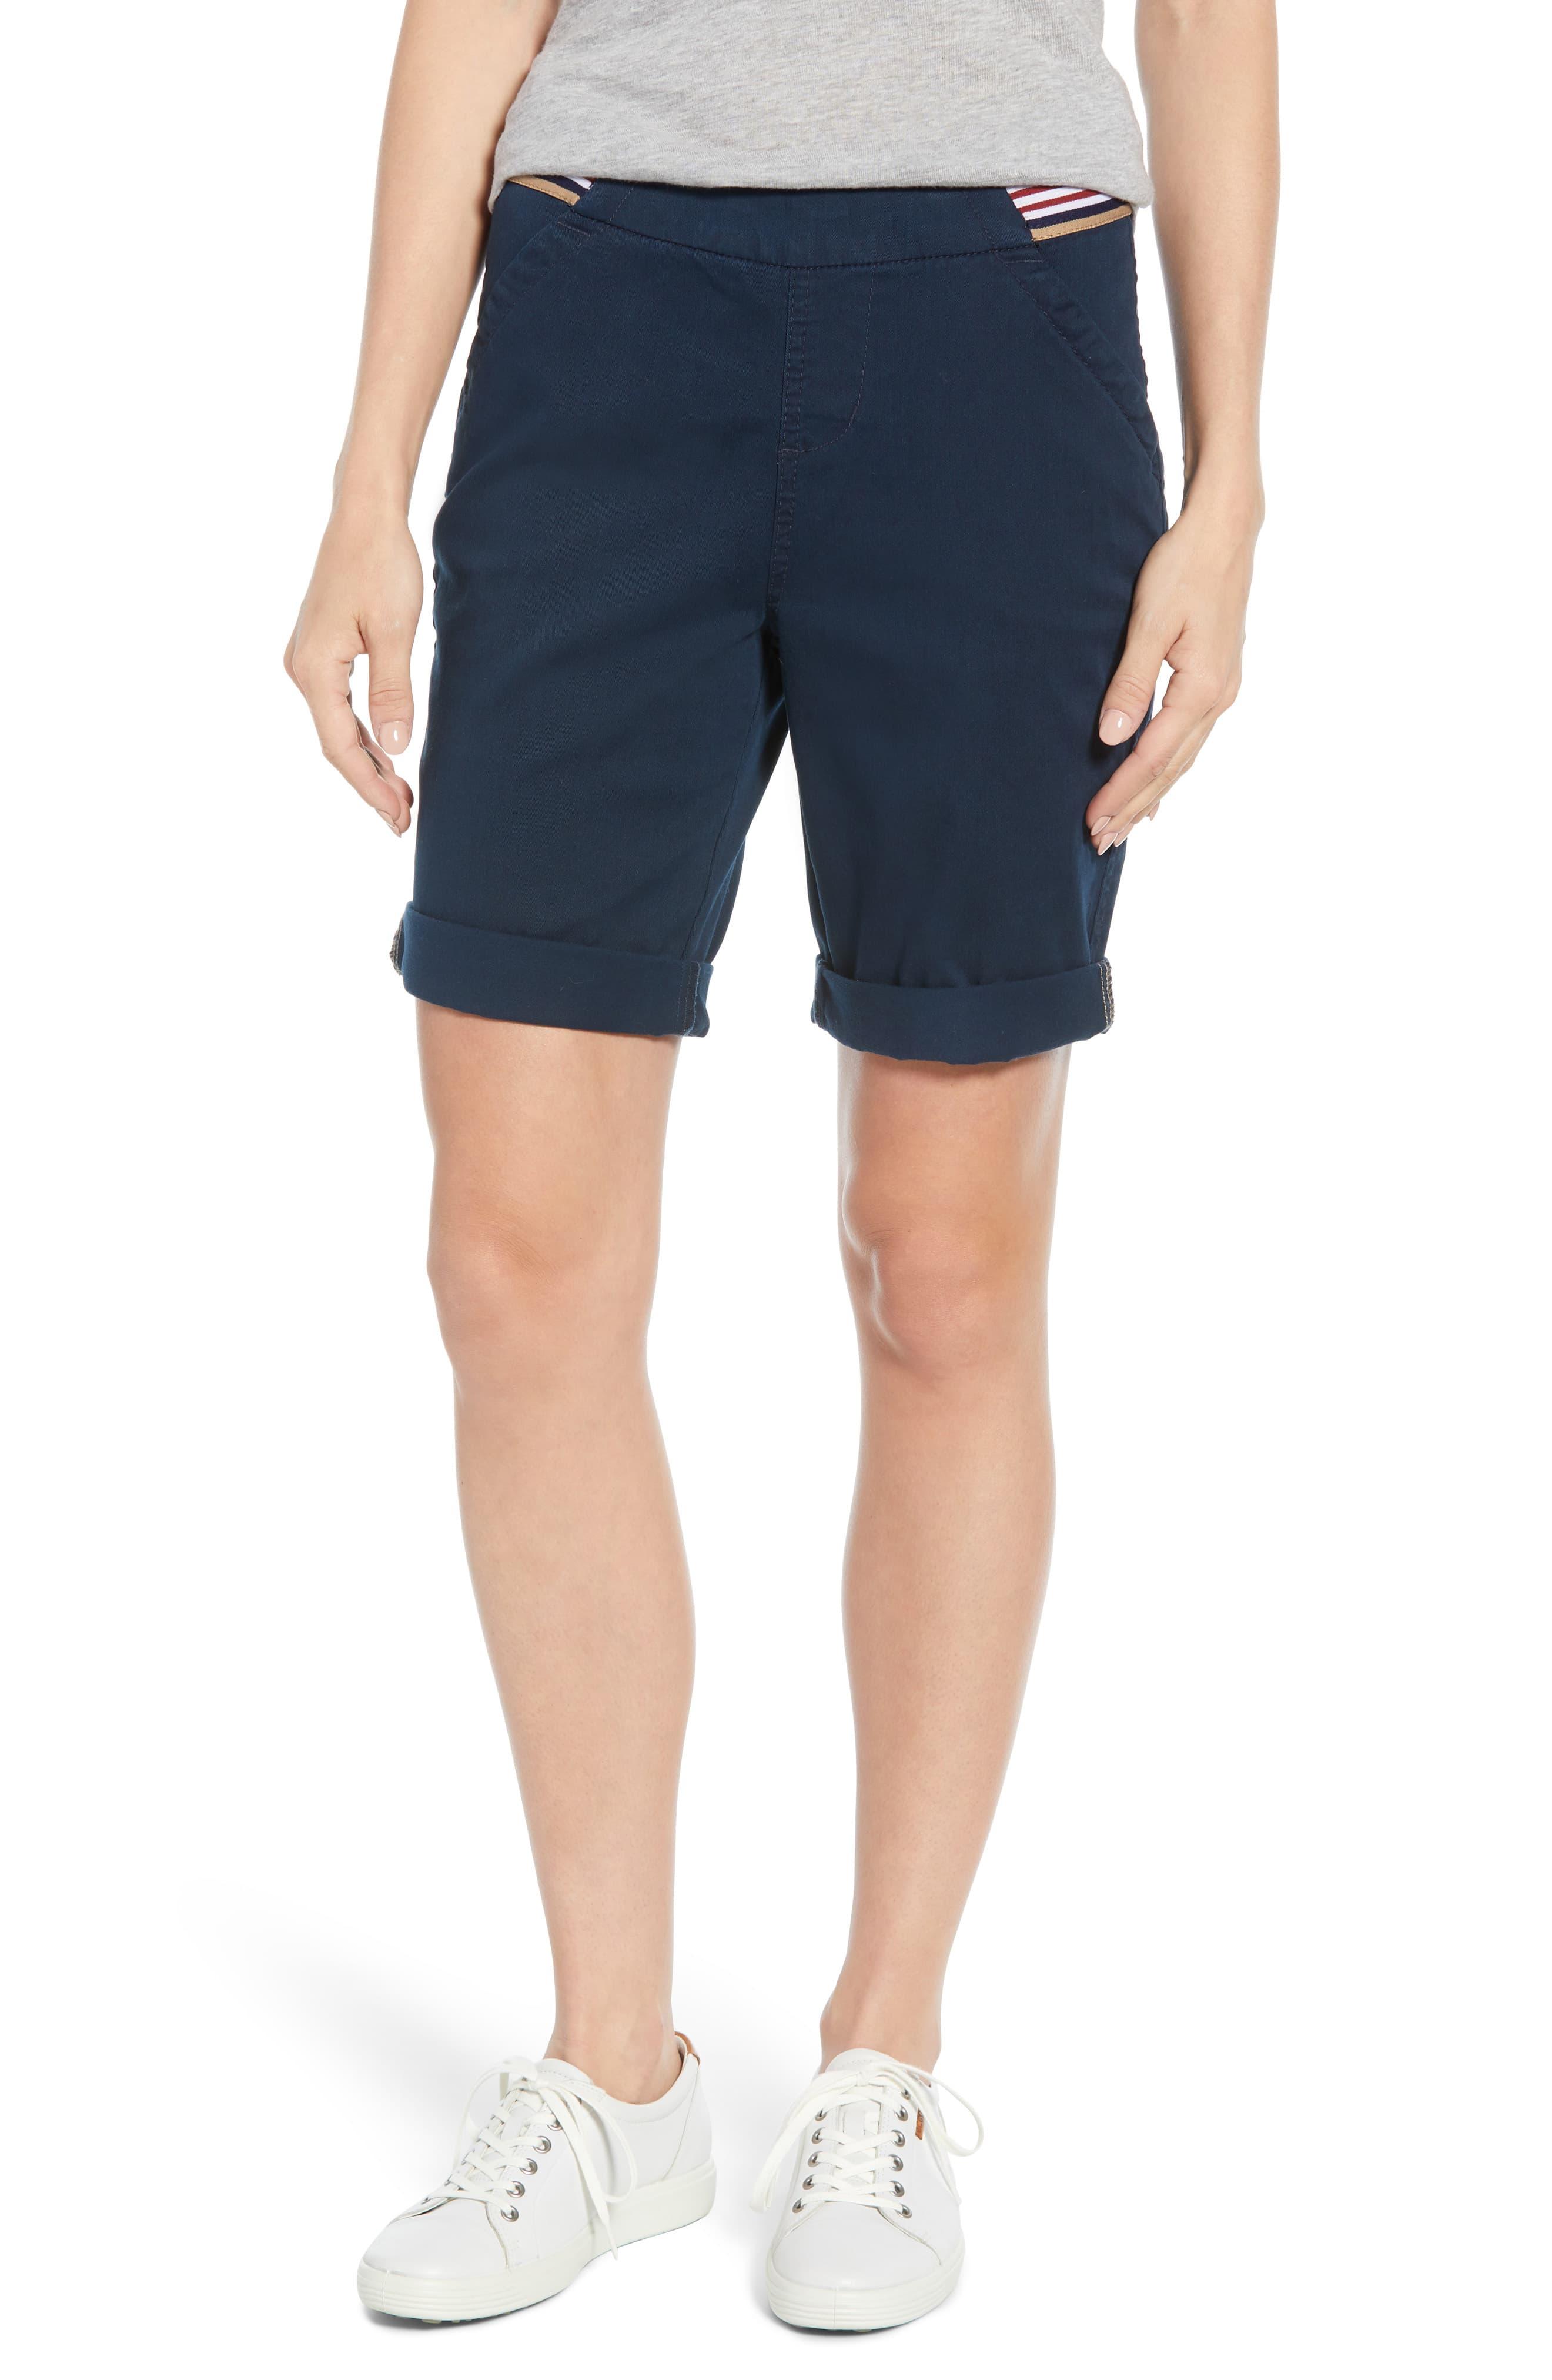 Petite Women's Jag Jeans Gracie Bermuda Shorts, Size 16P - Blue